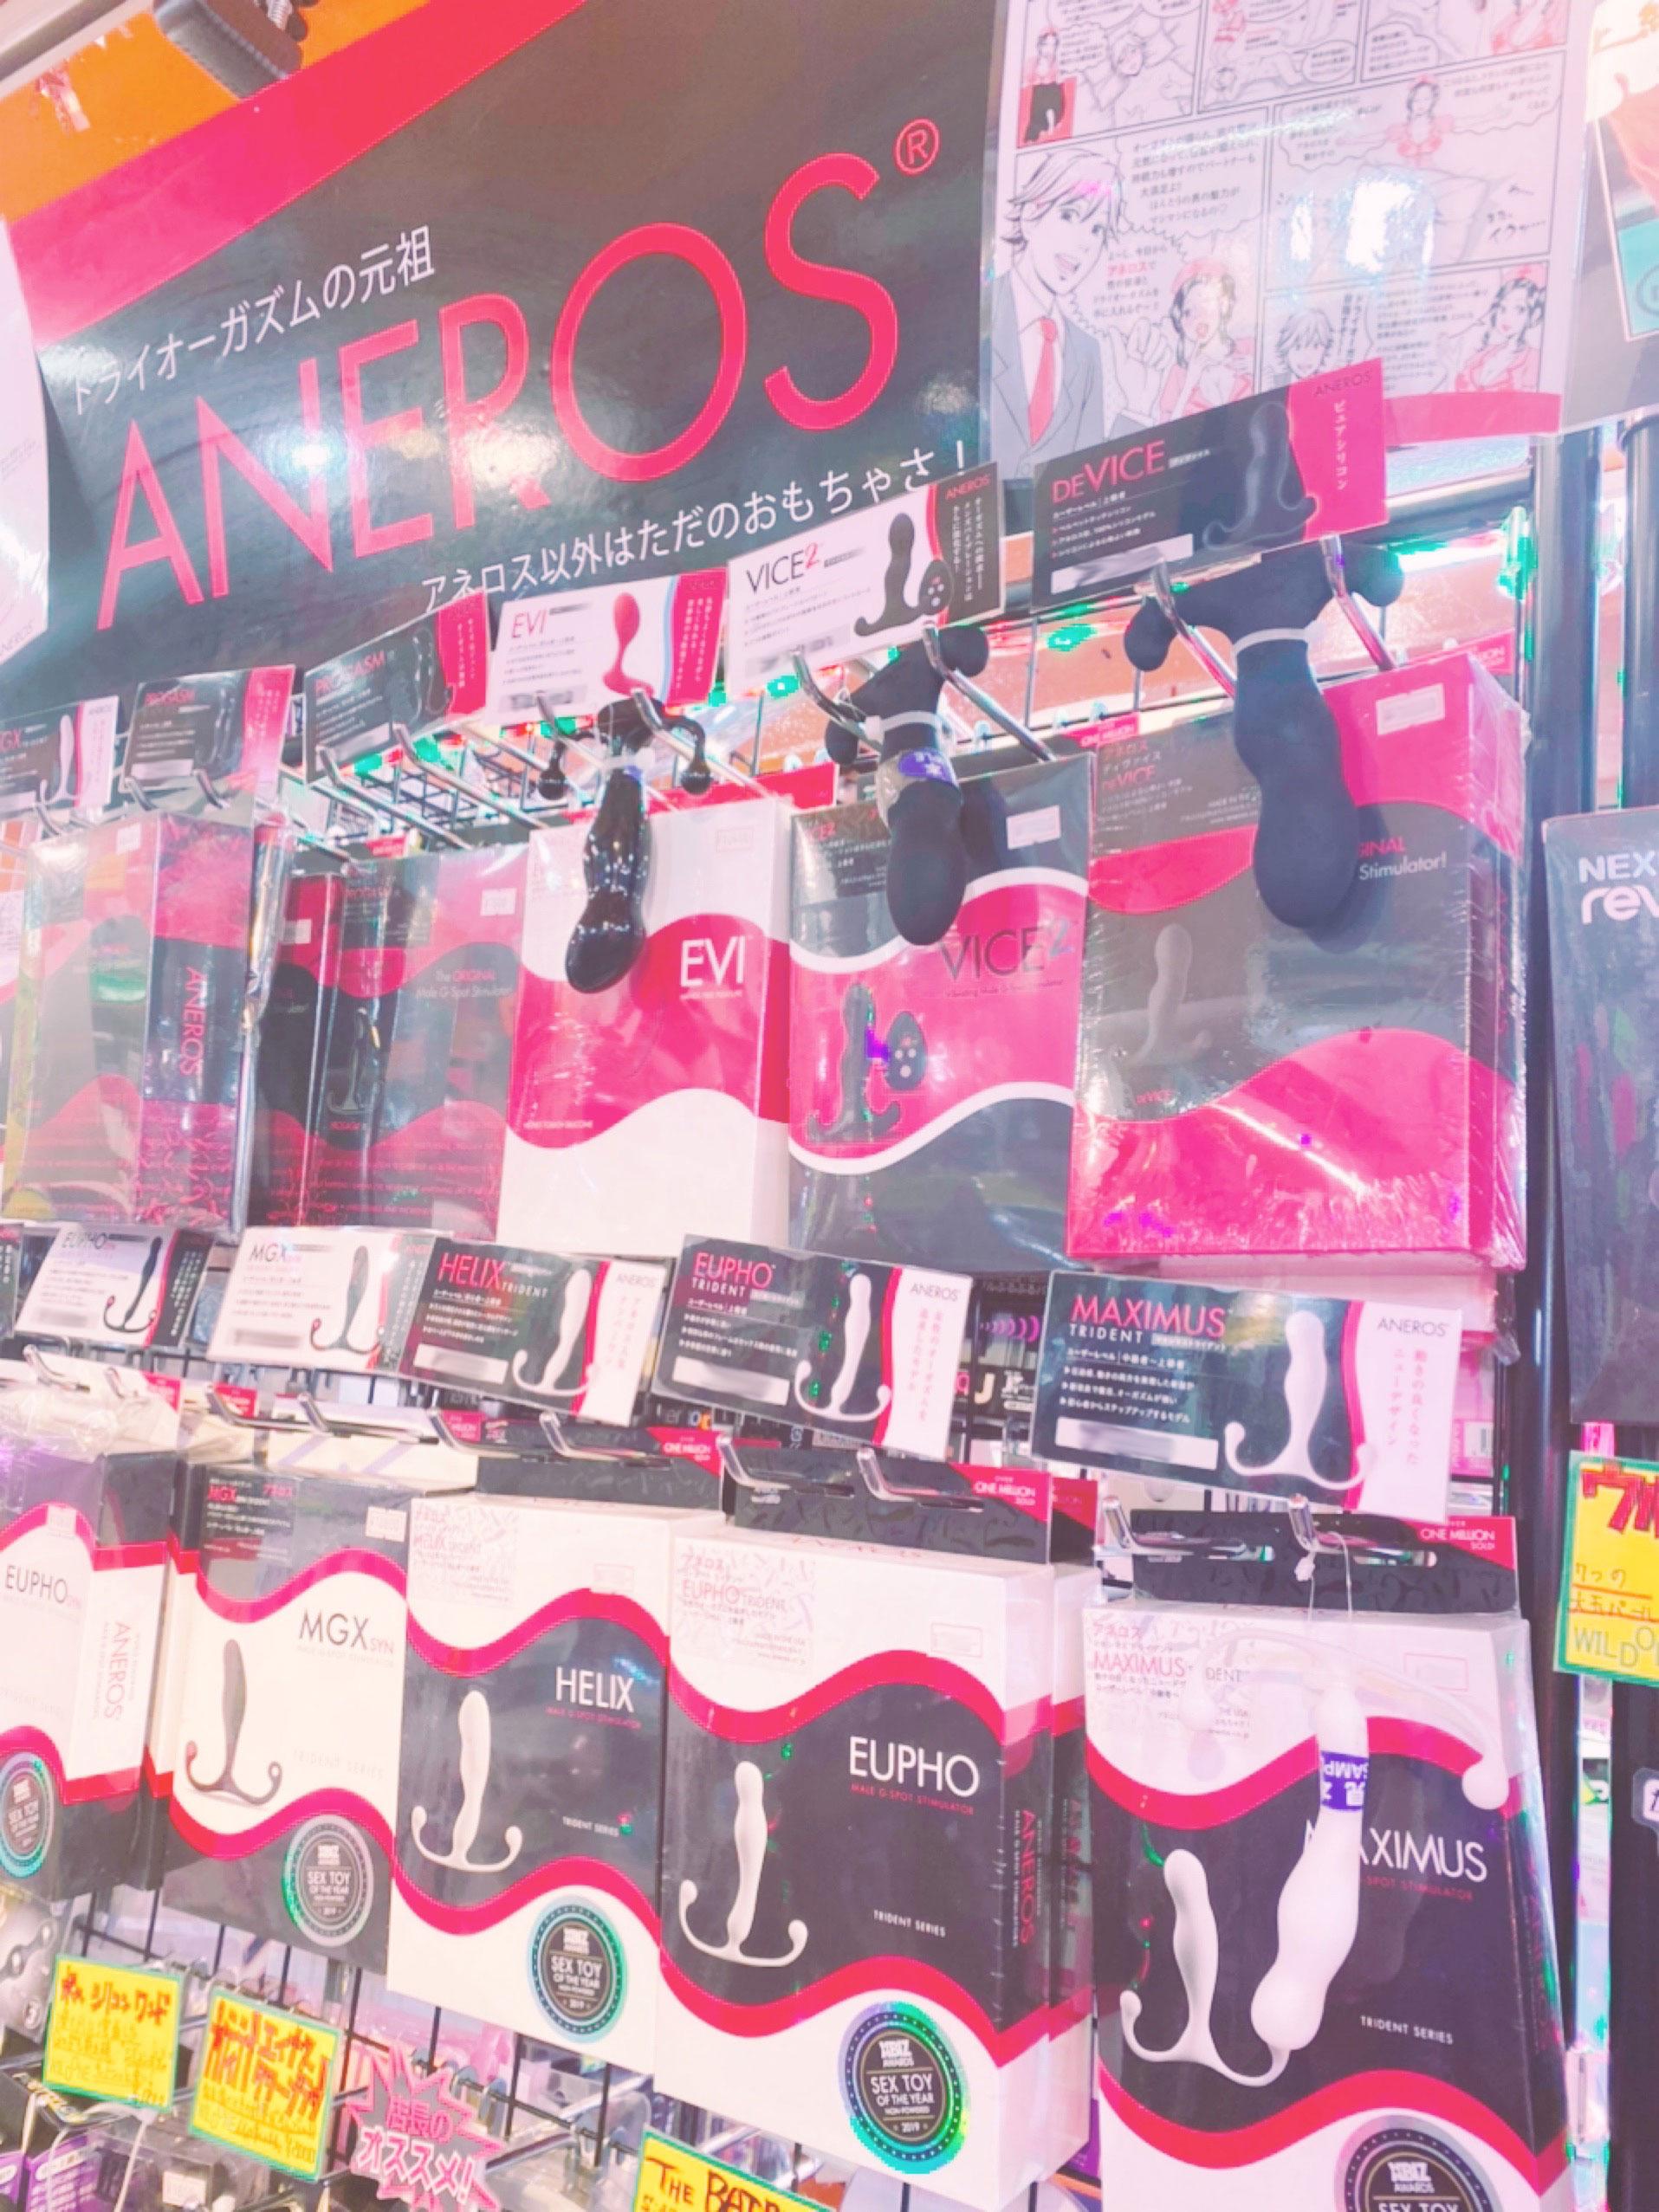 ワイルドワン道玄坂店のアネロス売り場